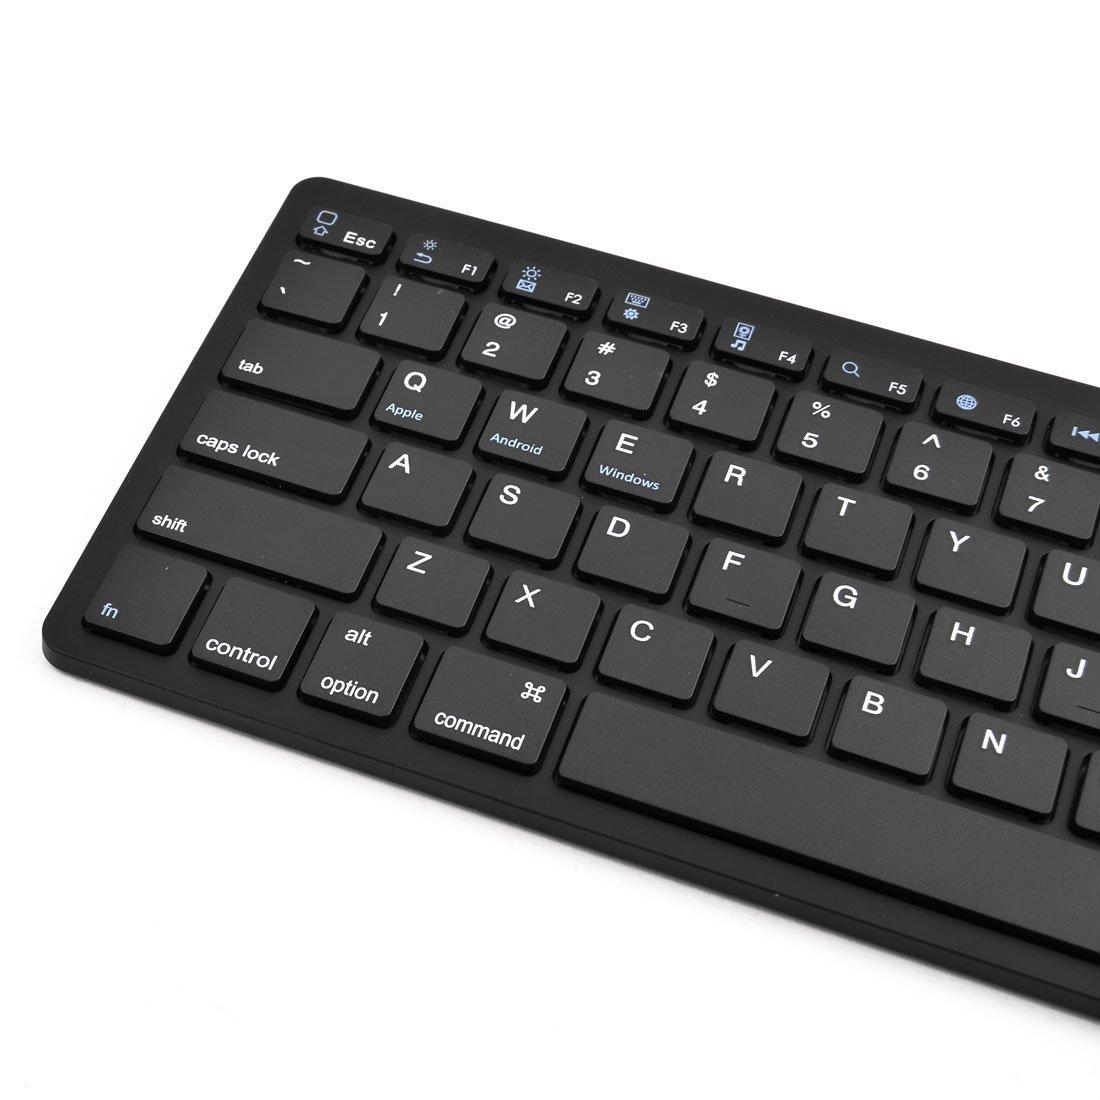 Amazon.com: DealMux portátil Mini sem fio Bluetooth teclado 2.4G Preto para iOS do Windows Android: Electronics